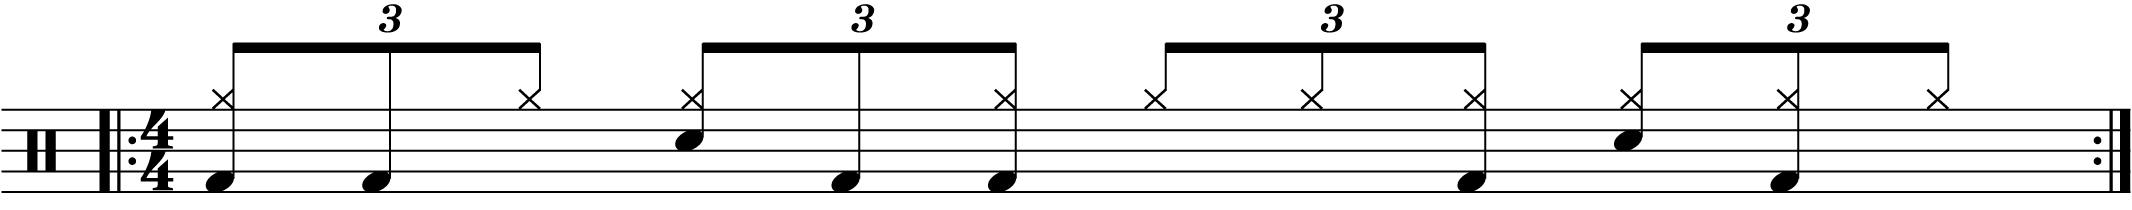 Örn3-3